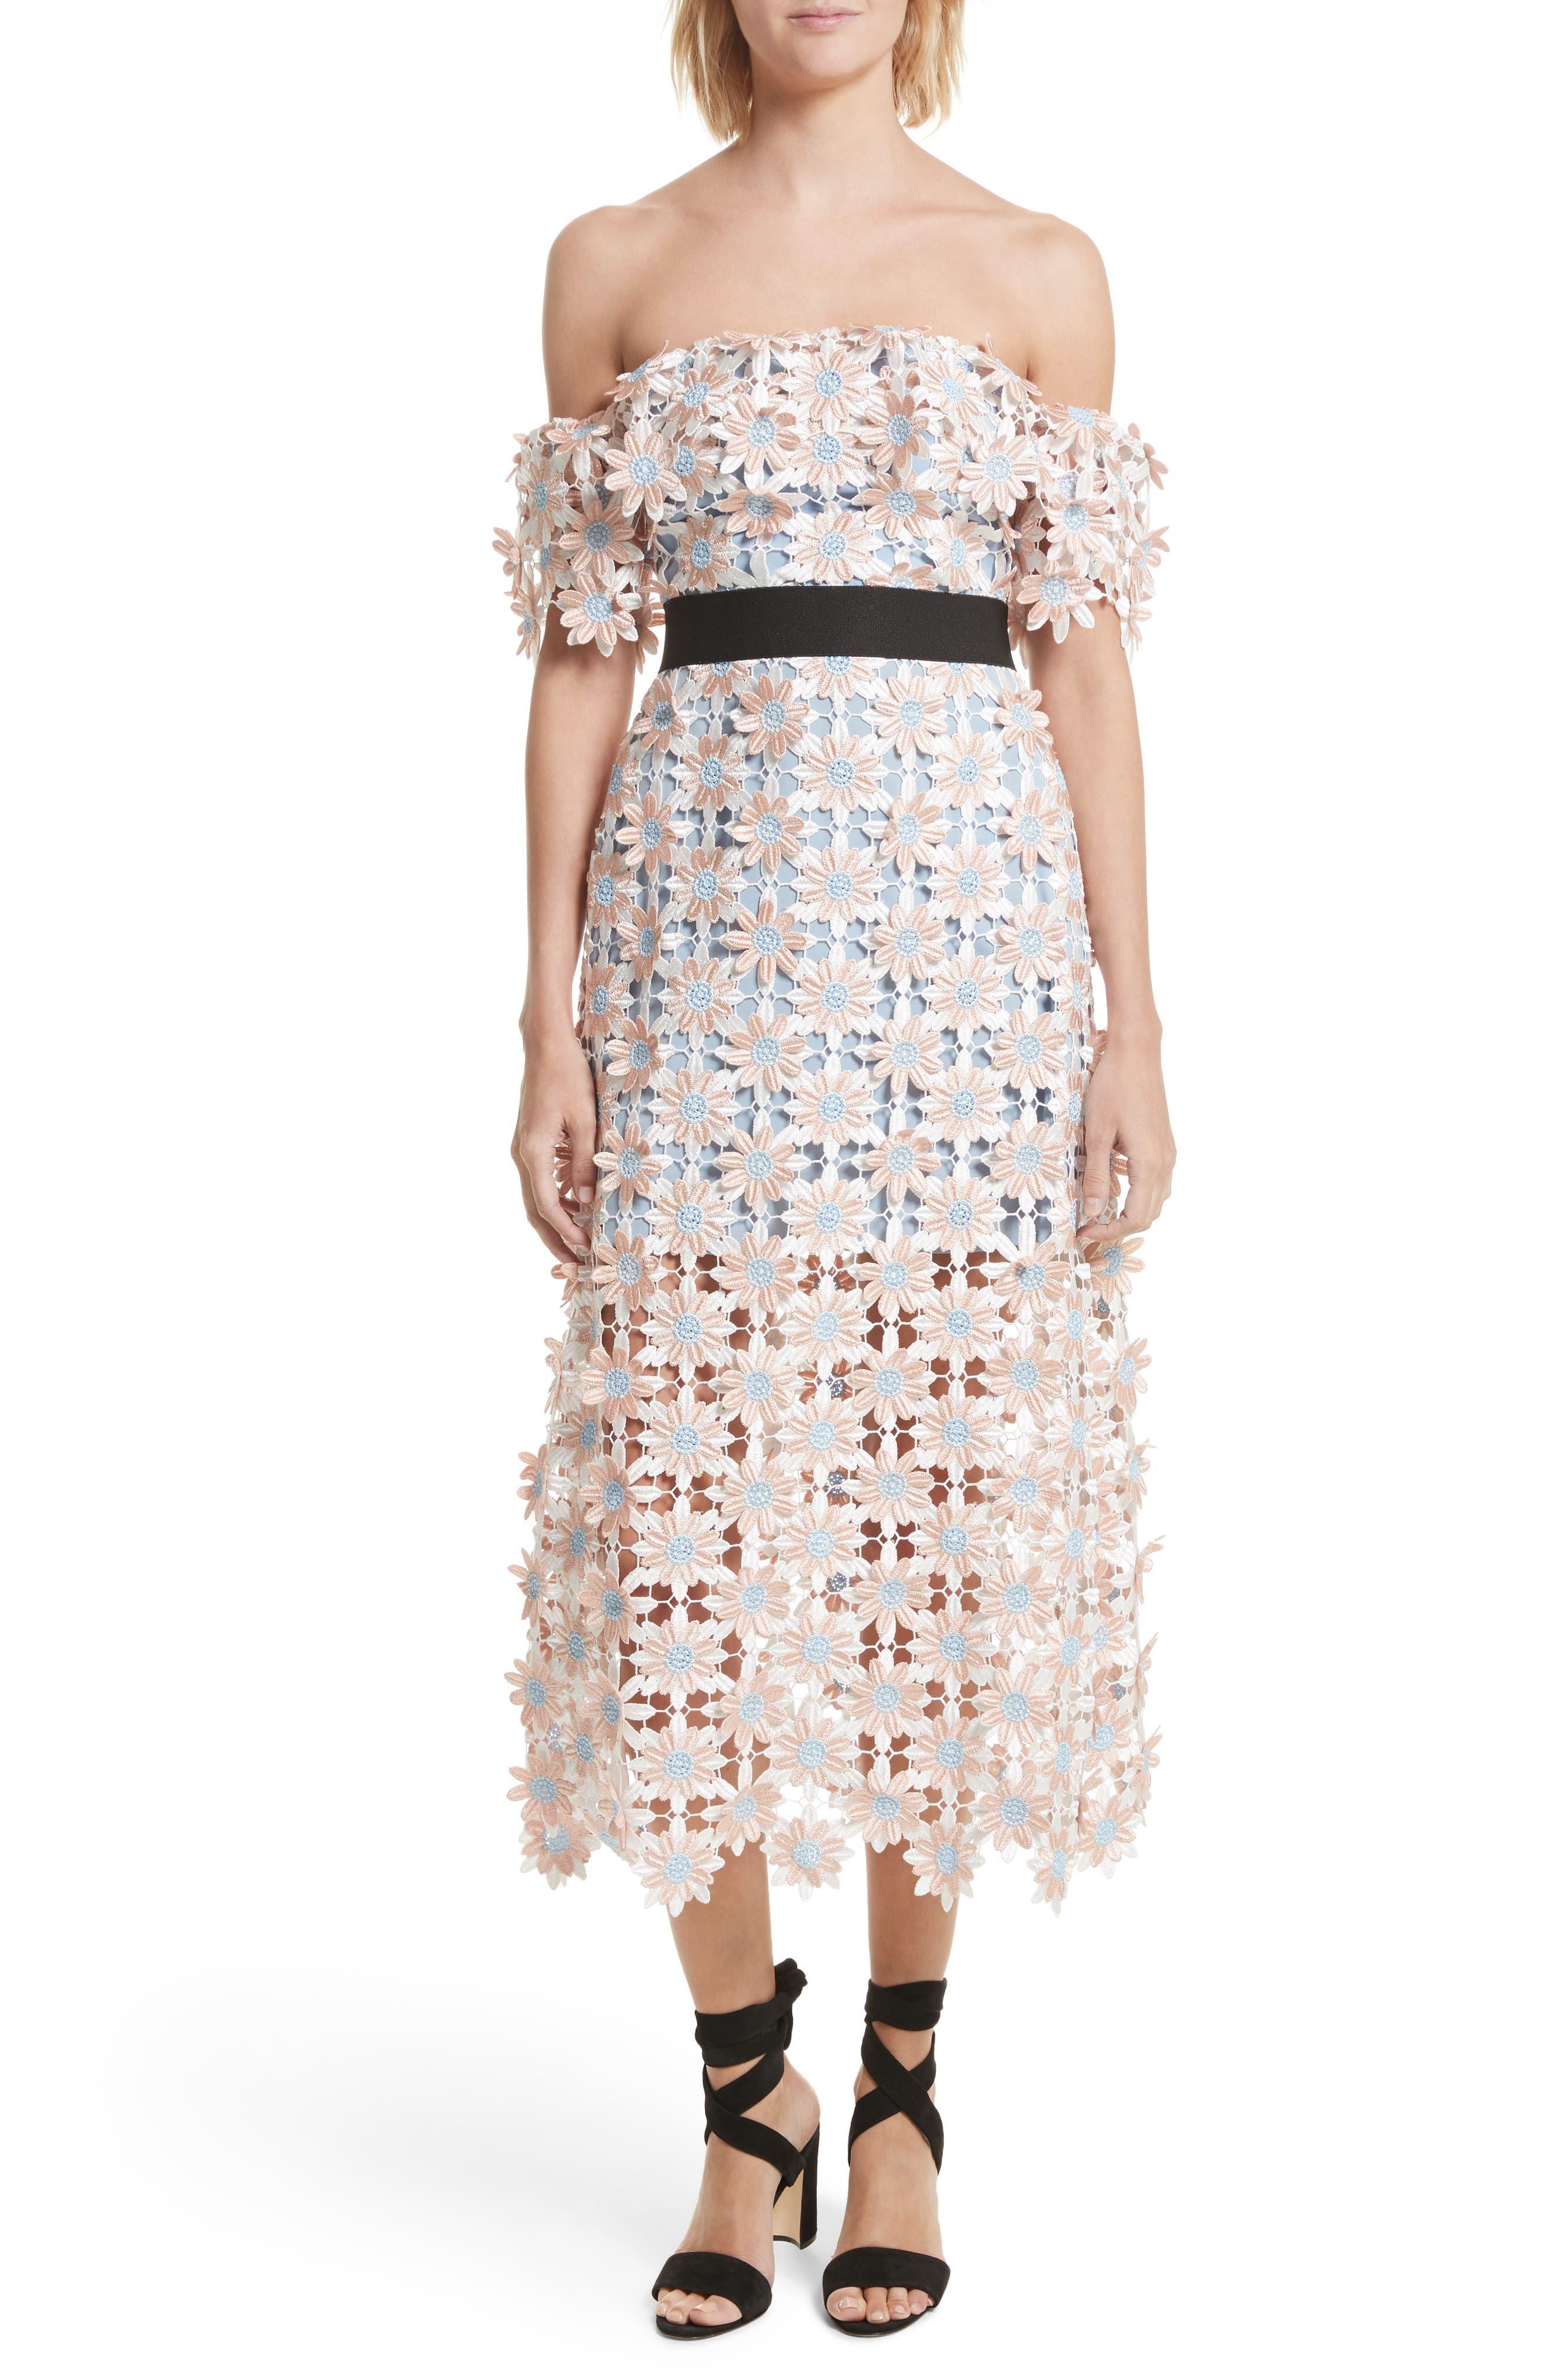 3D Floral Lace Off the Shoulder Midi Dress,                         Main,                         color, 650